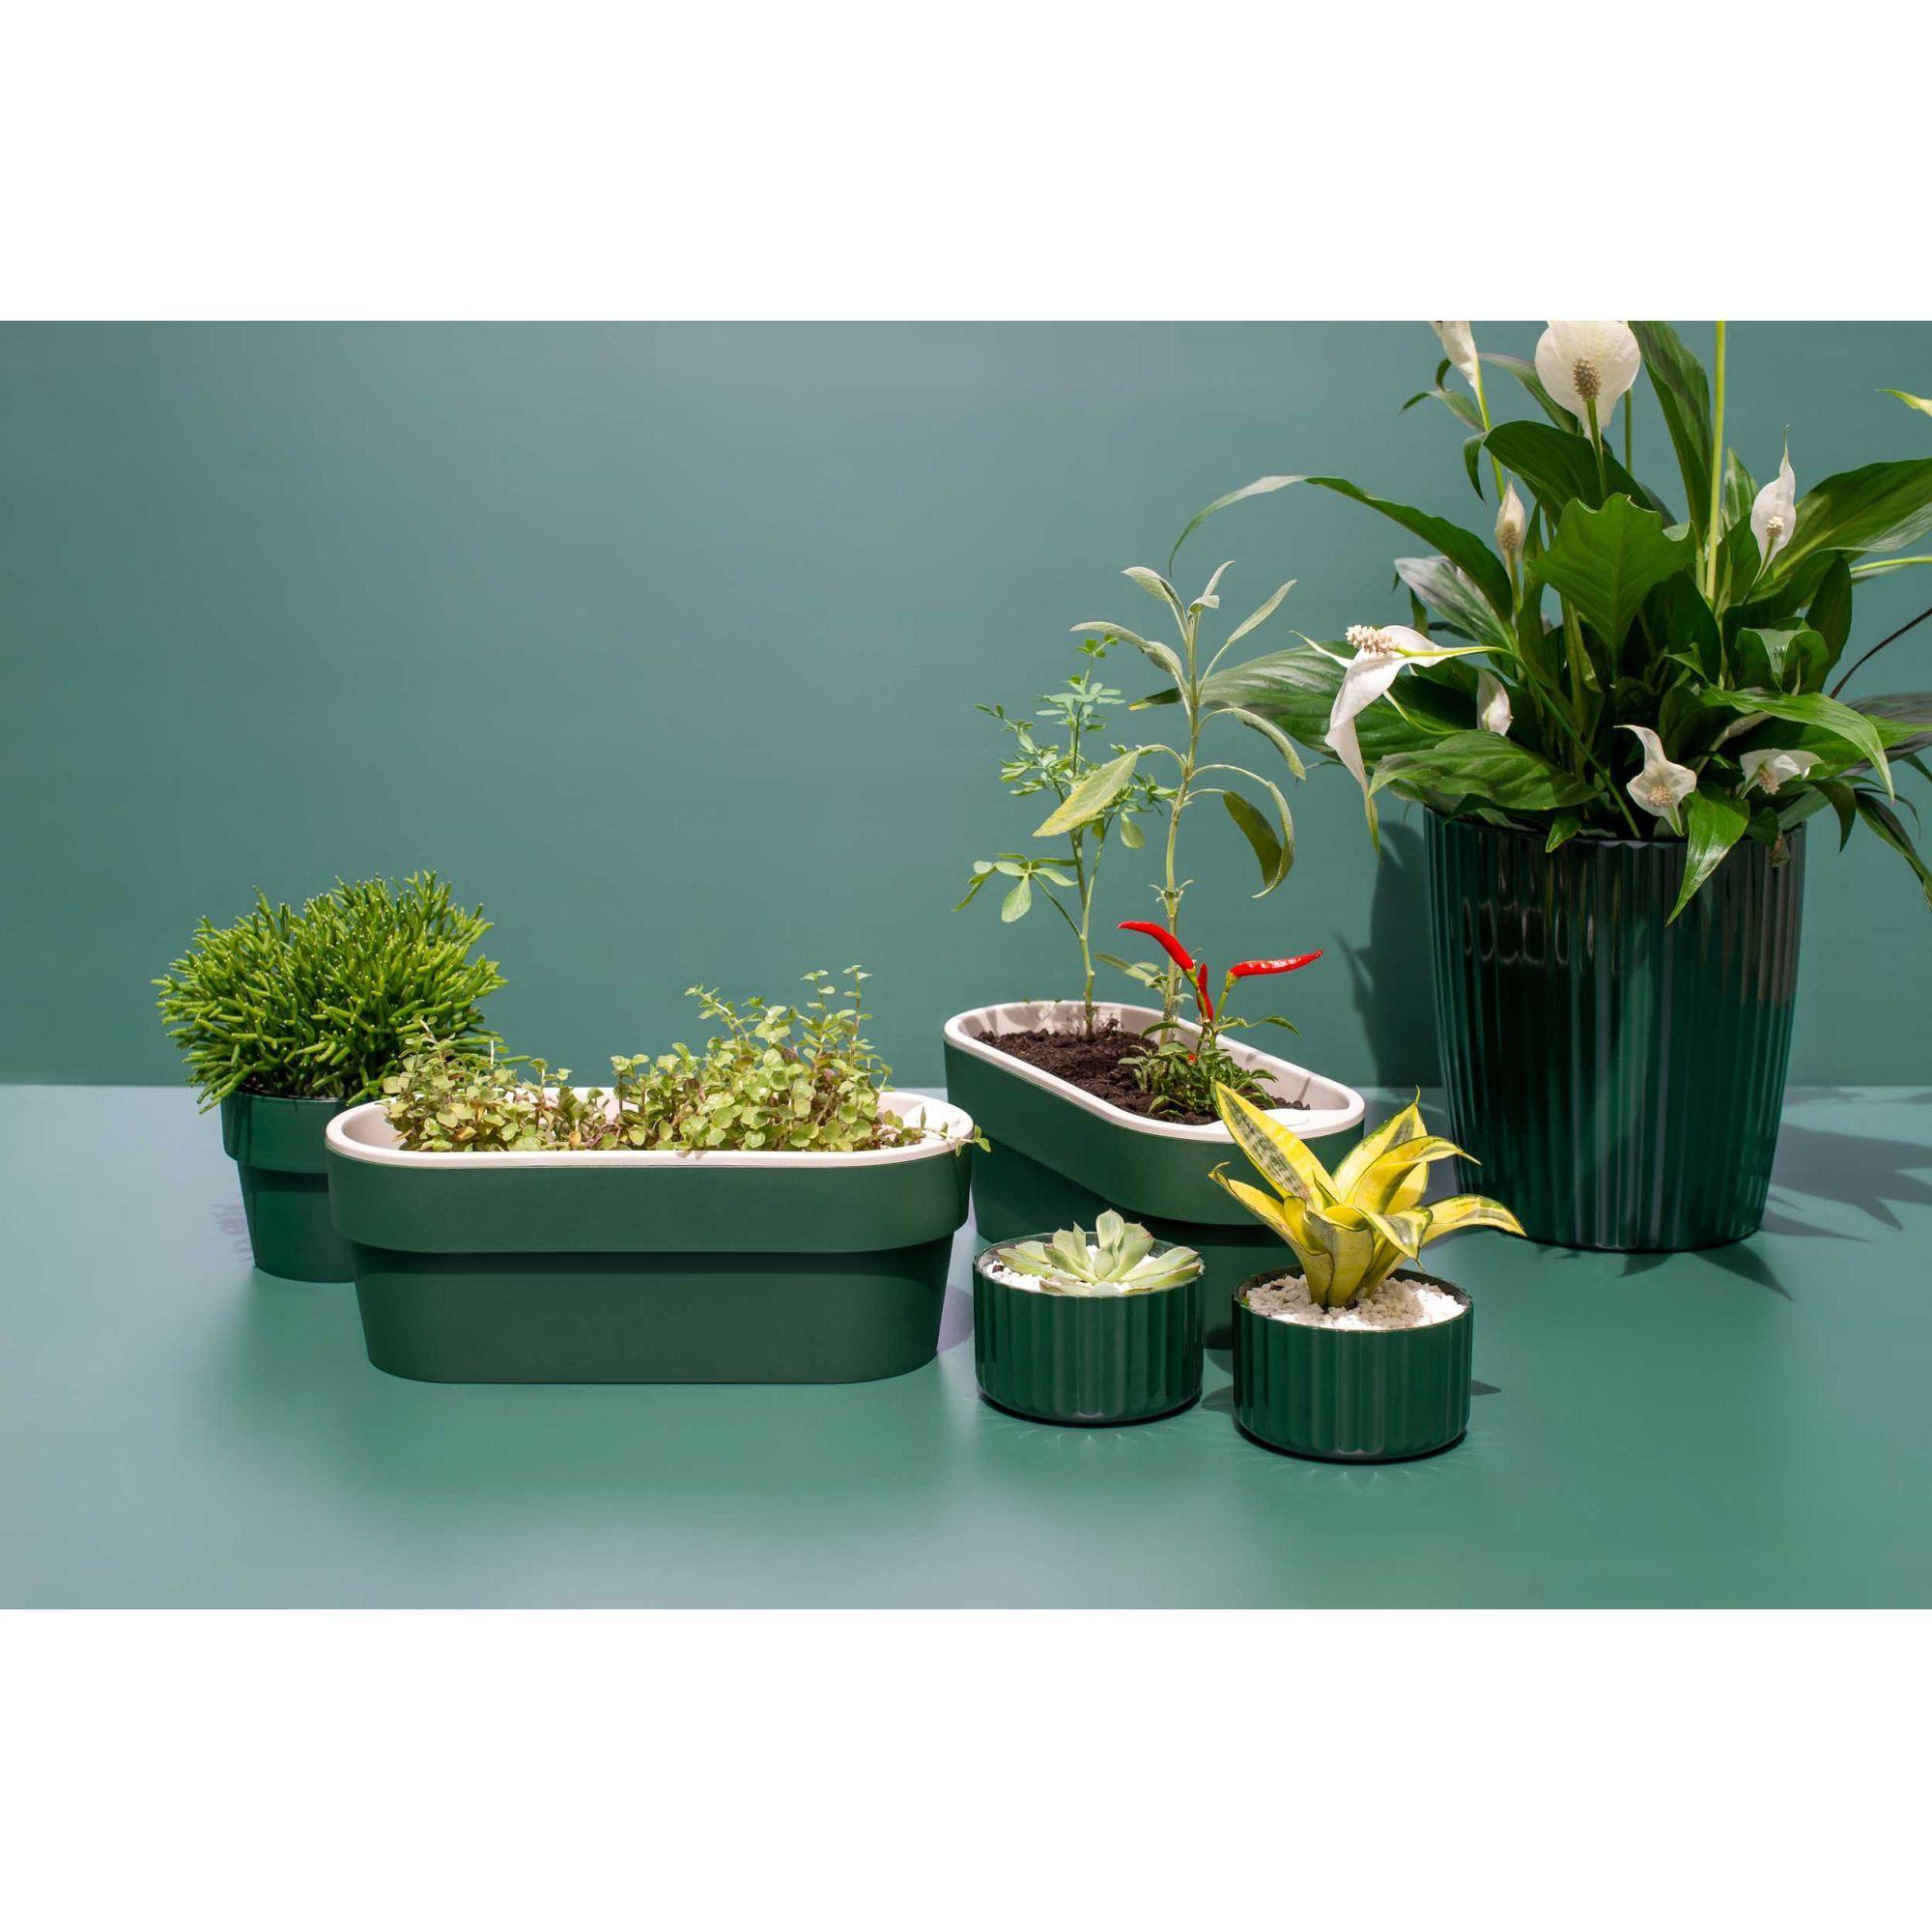 Hortinha Autoirrigável Verde Botânico Linha Plantar < Ou >